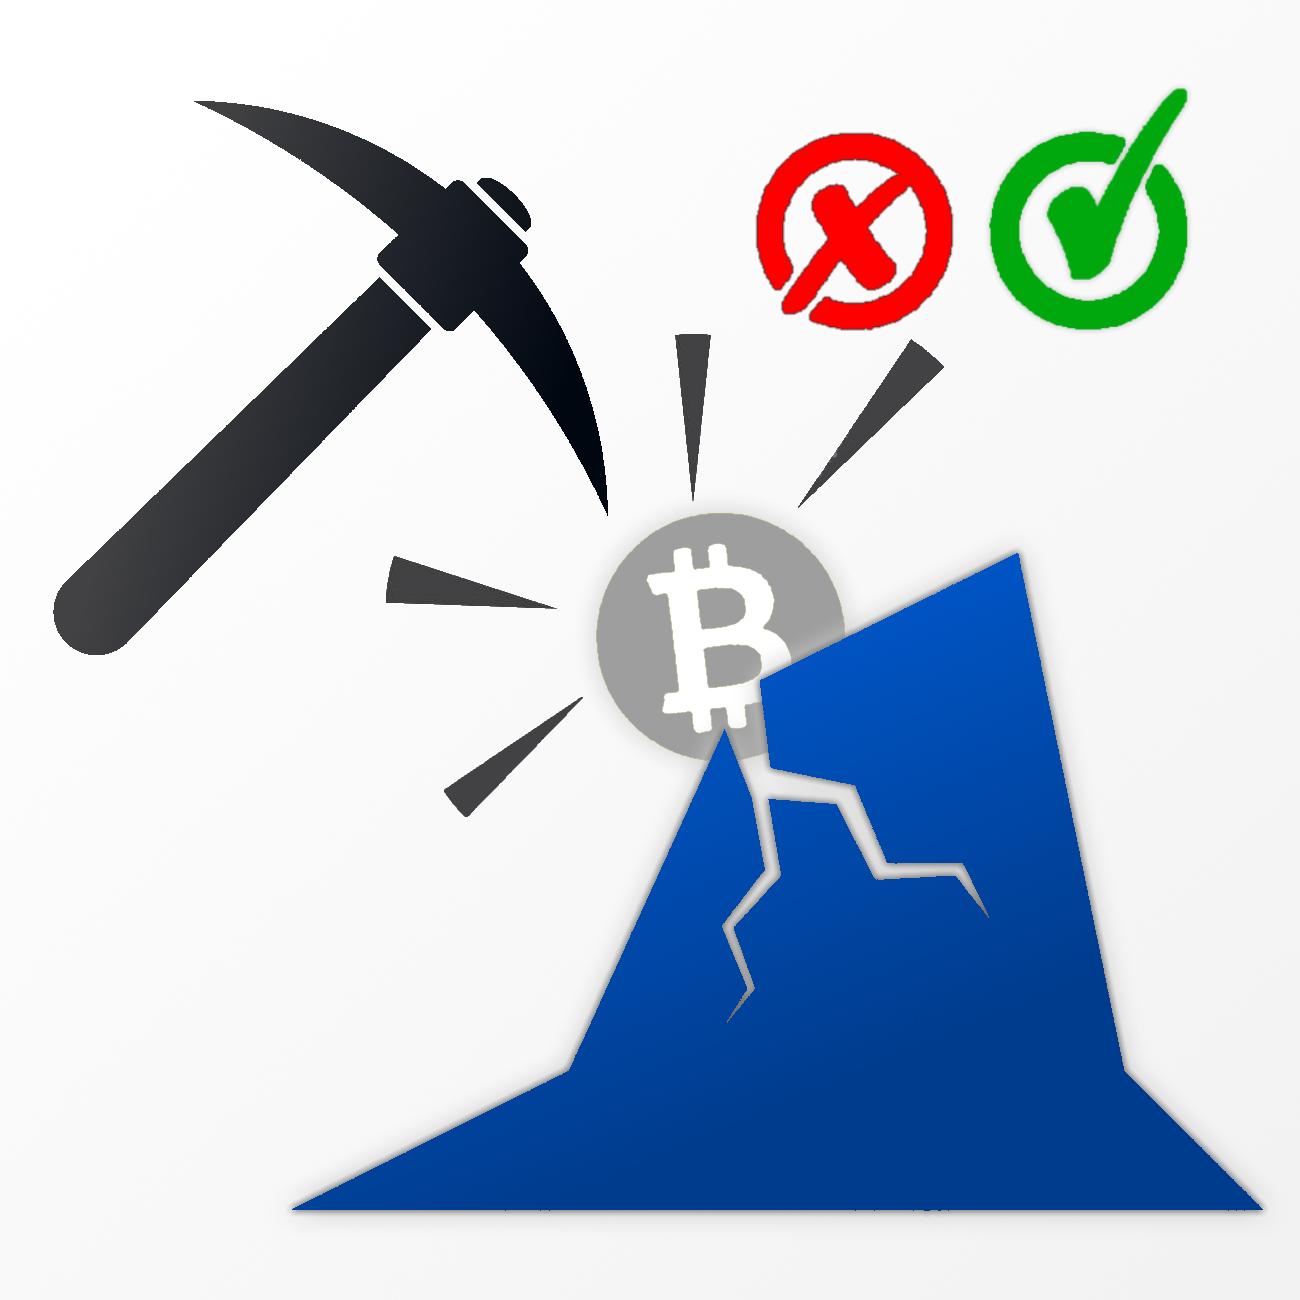 Oplatí sa tazit kryptomeny alebo nie - A ak áno, aké coiny - Aké mašiny - Aké su zisky - Čo sa oplatí1